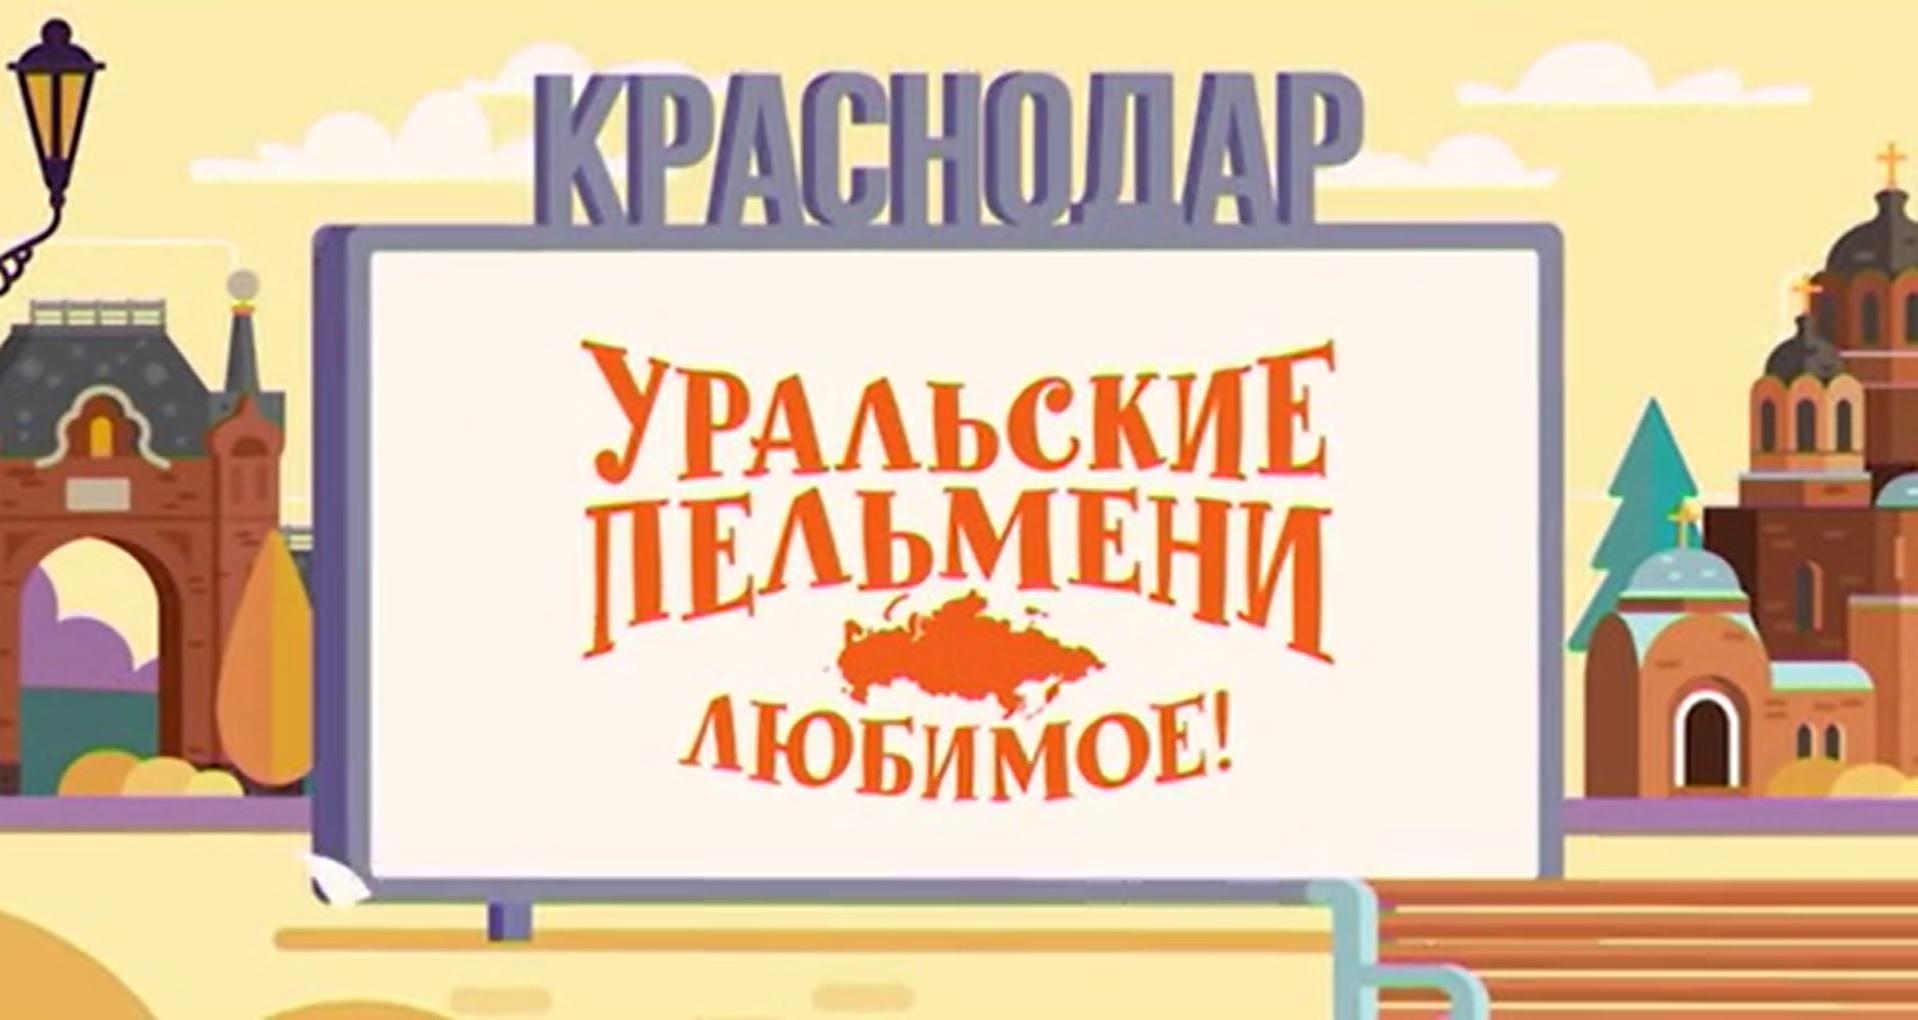 Уральские пельмени. Любимое. Краснодар